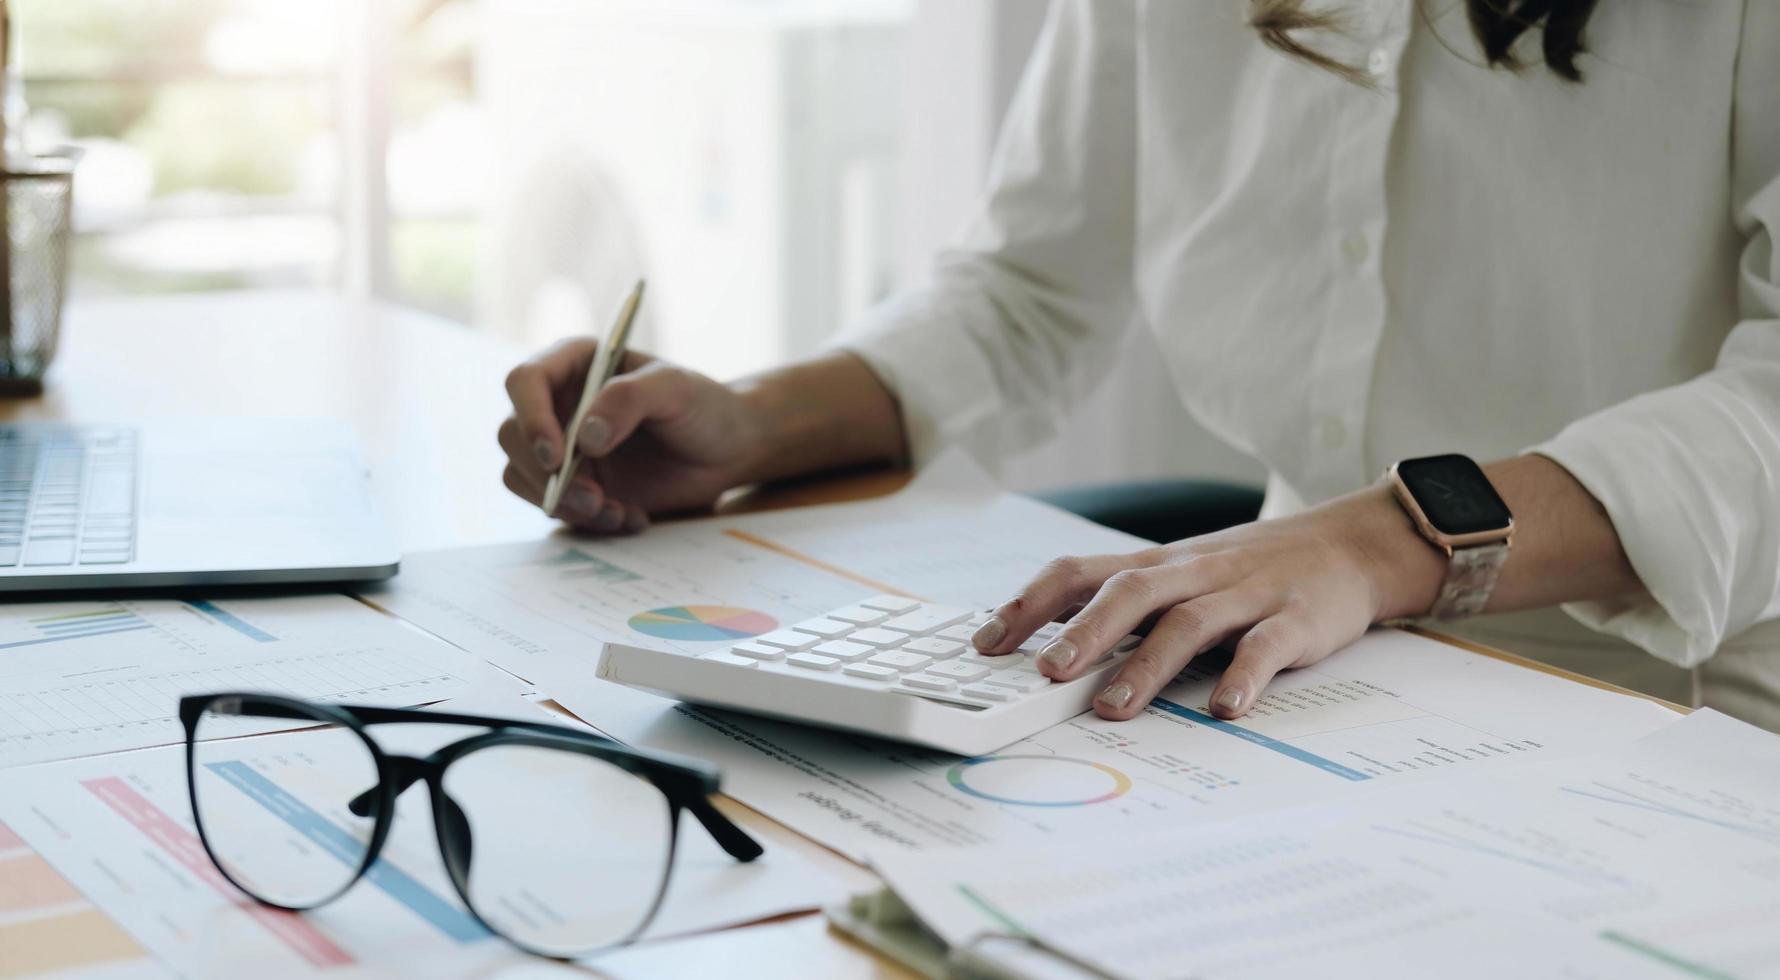 revisionsföretag, affärskvinnor finansinspektörsekreterare rapporterar om beräkning, kontroll av balans. intern inkomsttjänst inspekterar checkdokument med en bärbar dator och miniräknare. foto